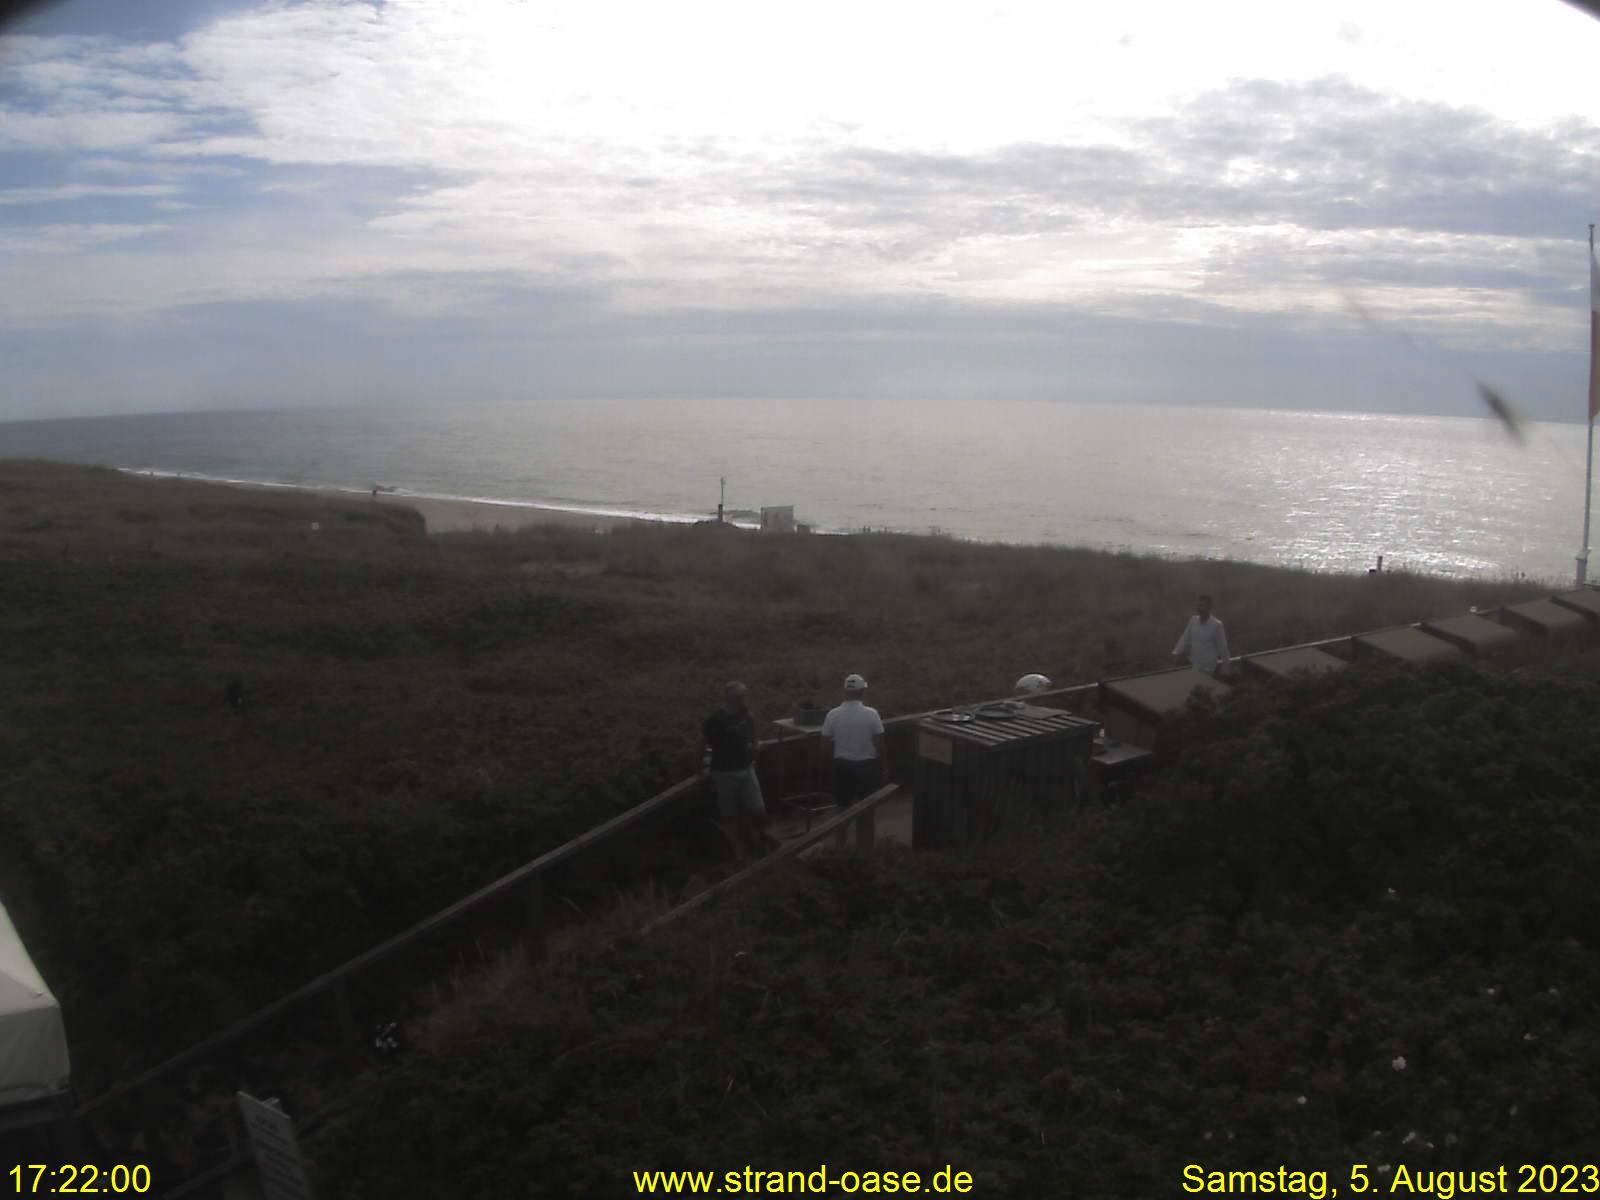 Westerland (Sylt) Sa. 17:22